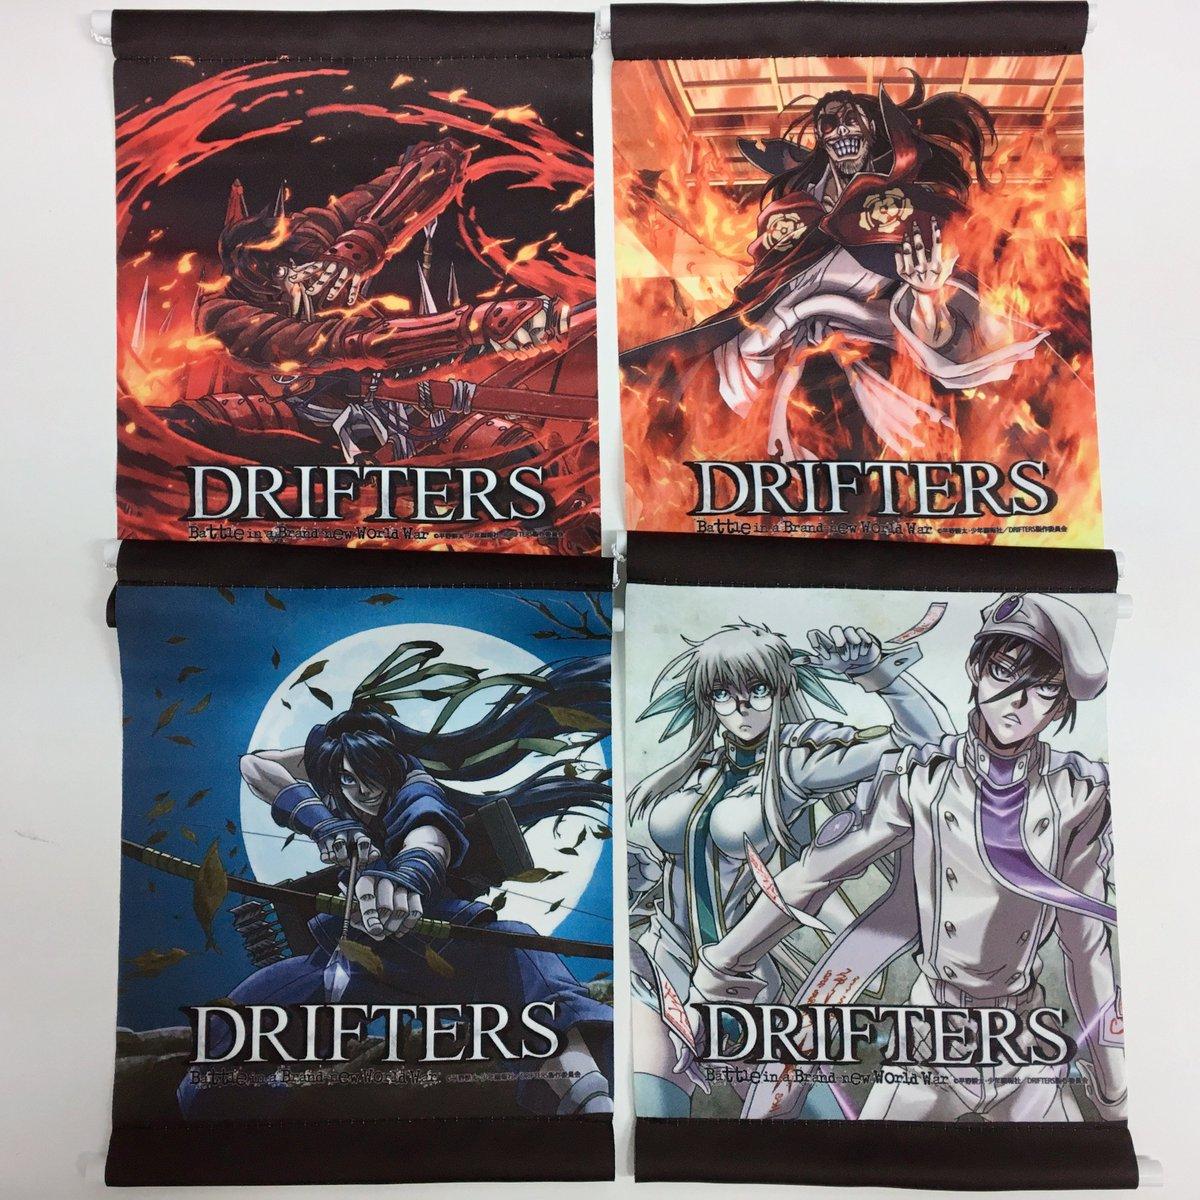 アニメ『DRIFTERS』(ドリフターズ)より、島津豊久や織田信長、那須与一たちのブランケット、ボクサーパンツ、ネックウ